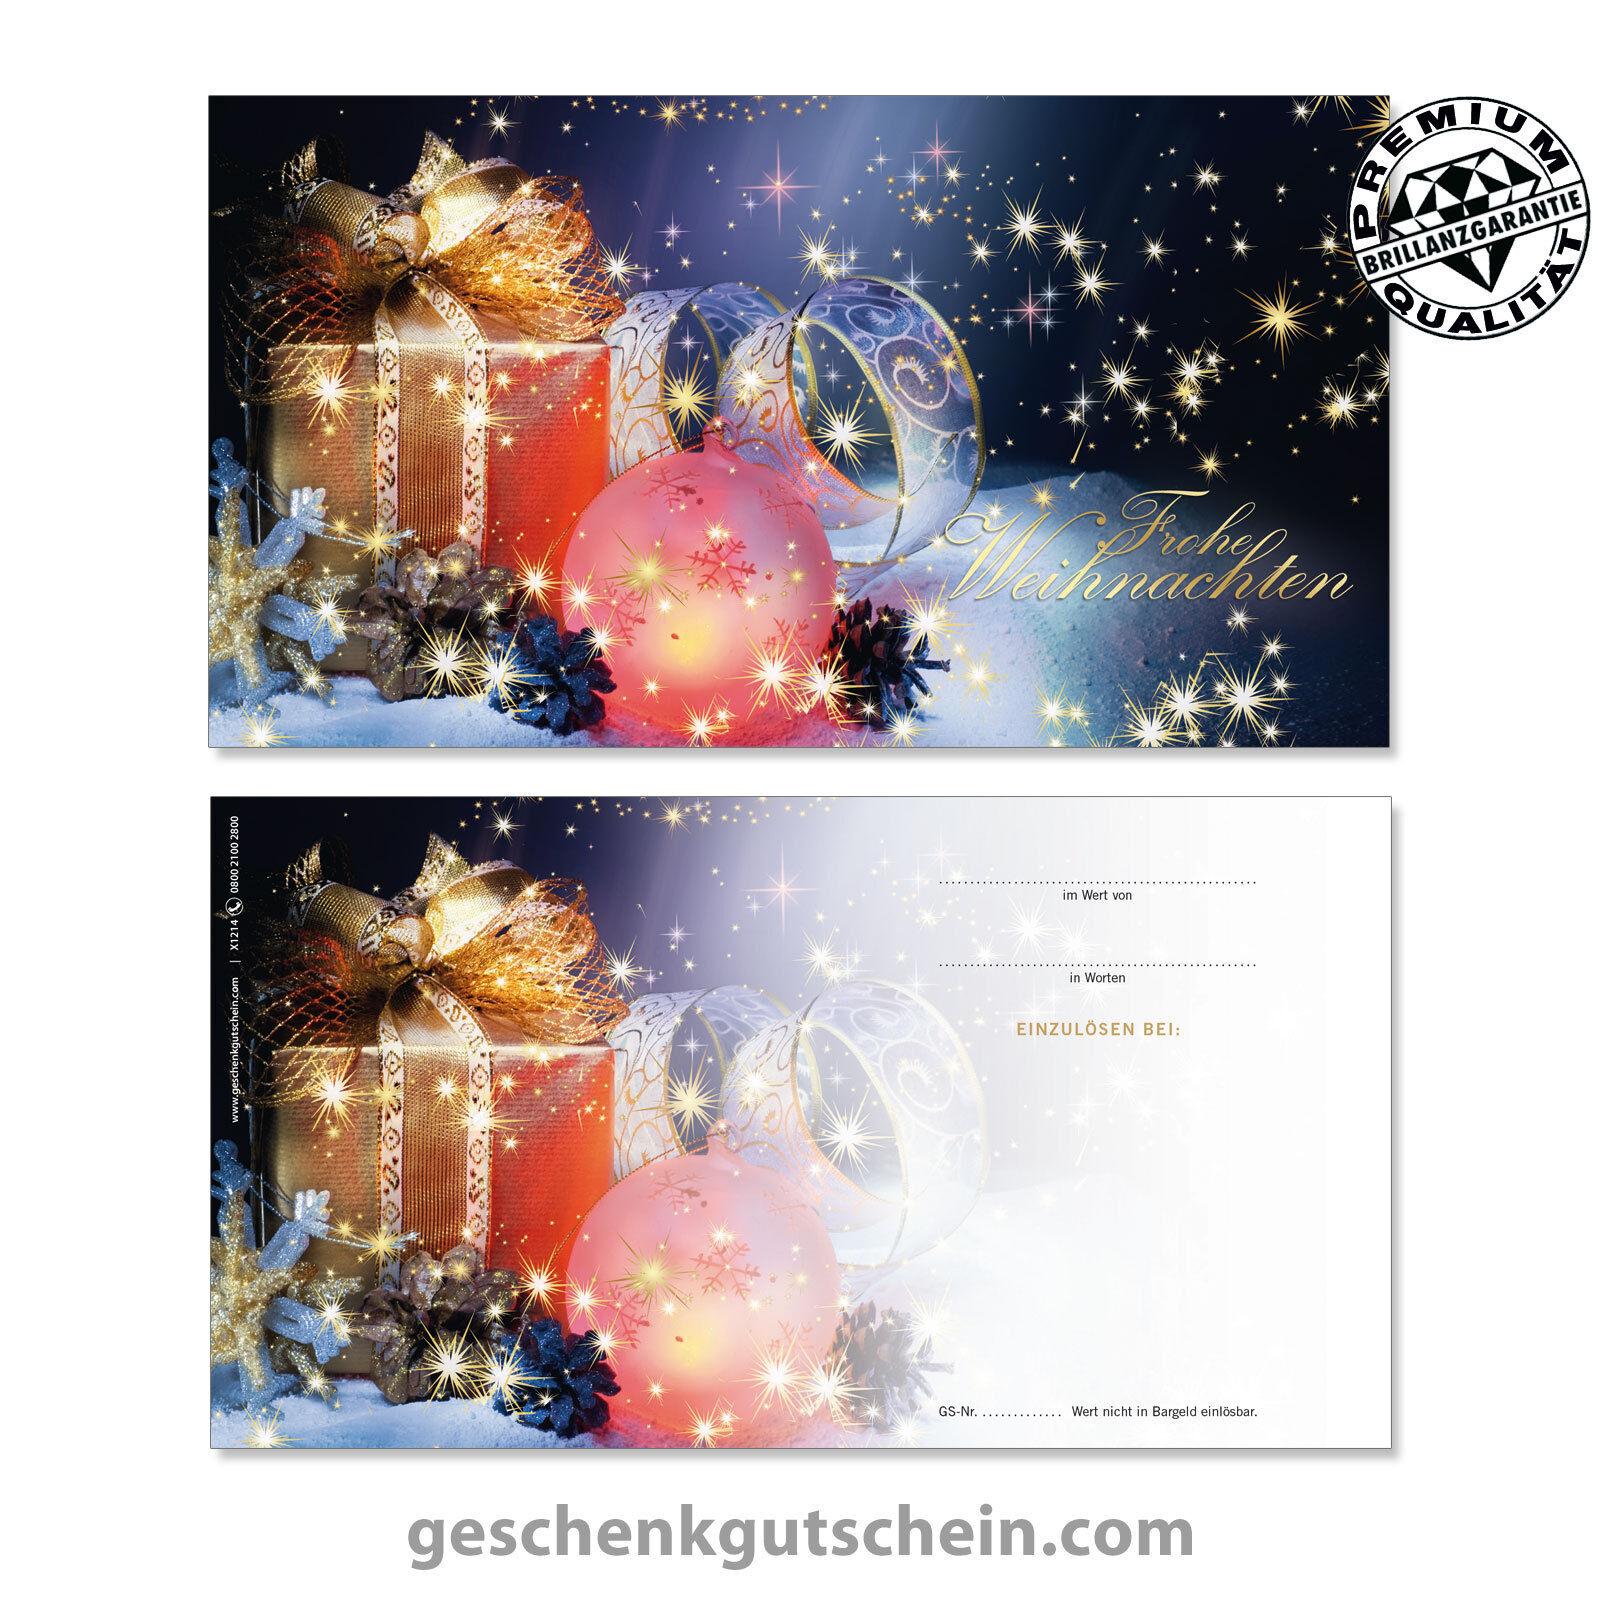 Weihnachts-Geschenkgutscheine mit KuGrüns für alle Branchen X1214 X1214 X1214 059916